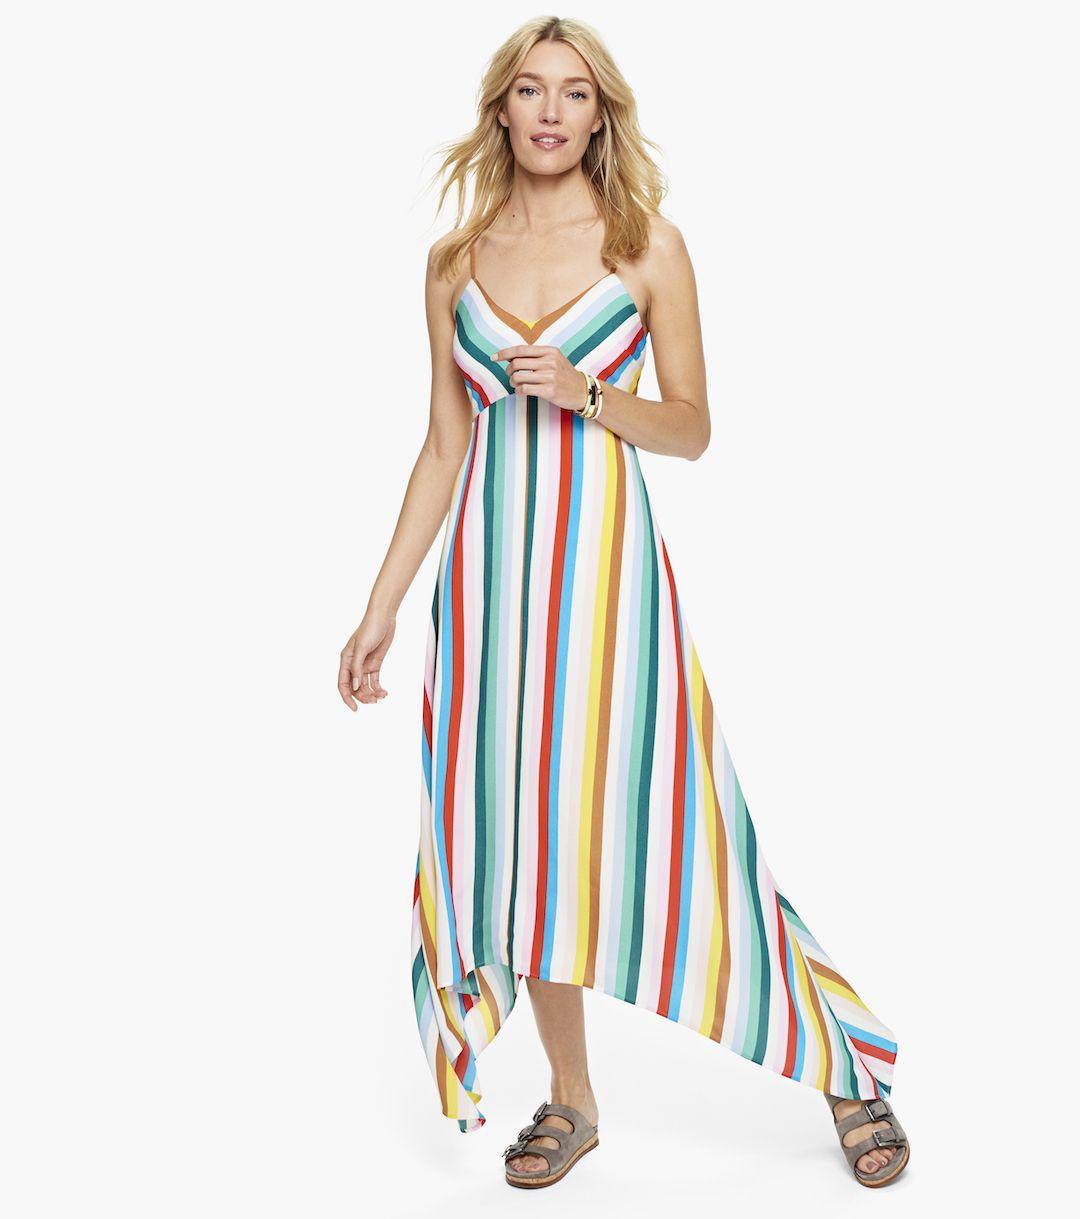 Stripe Maxi Dress Striped Maxi Dresses Dresses Maxi Dress [ 1219 x 1080 Pixel ]